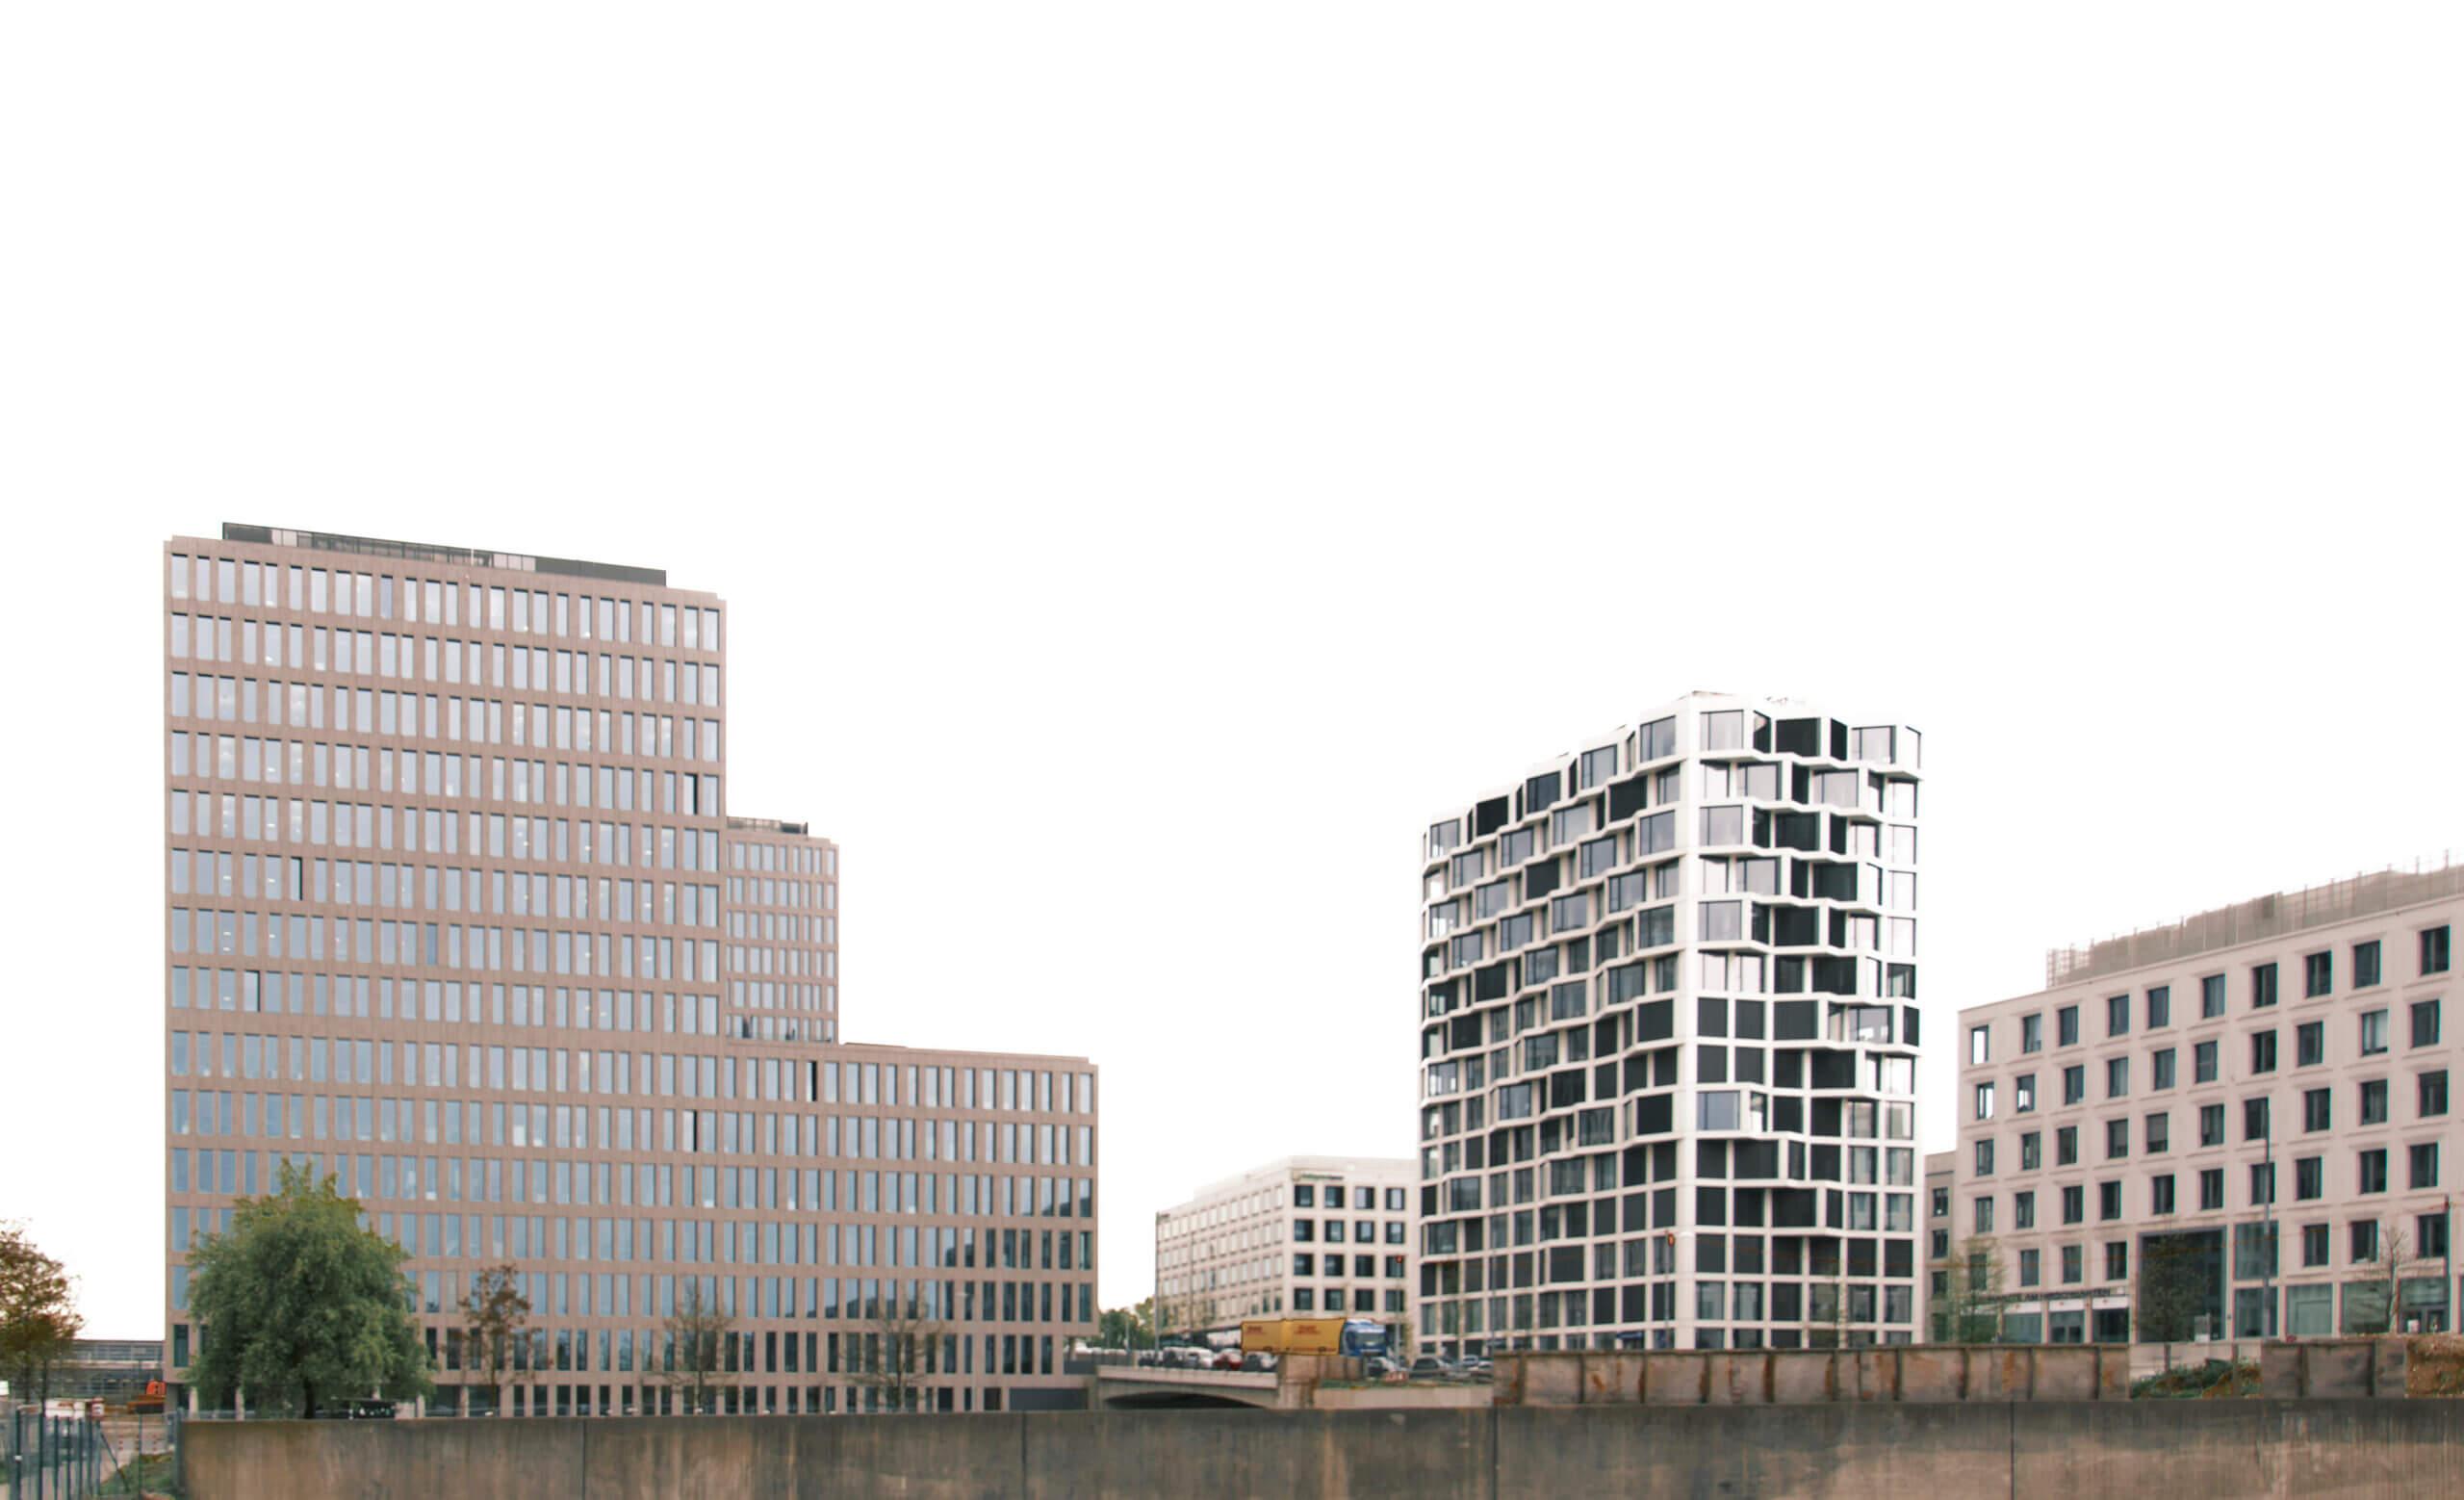 Projektentwicklungen in München, Friedenheimer Brücke